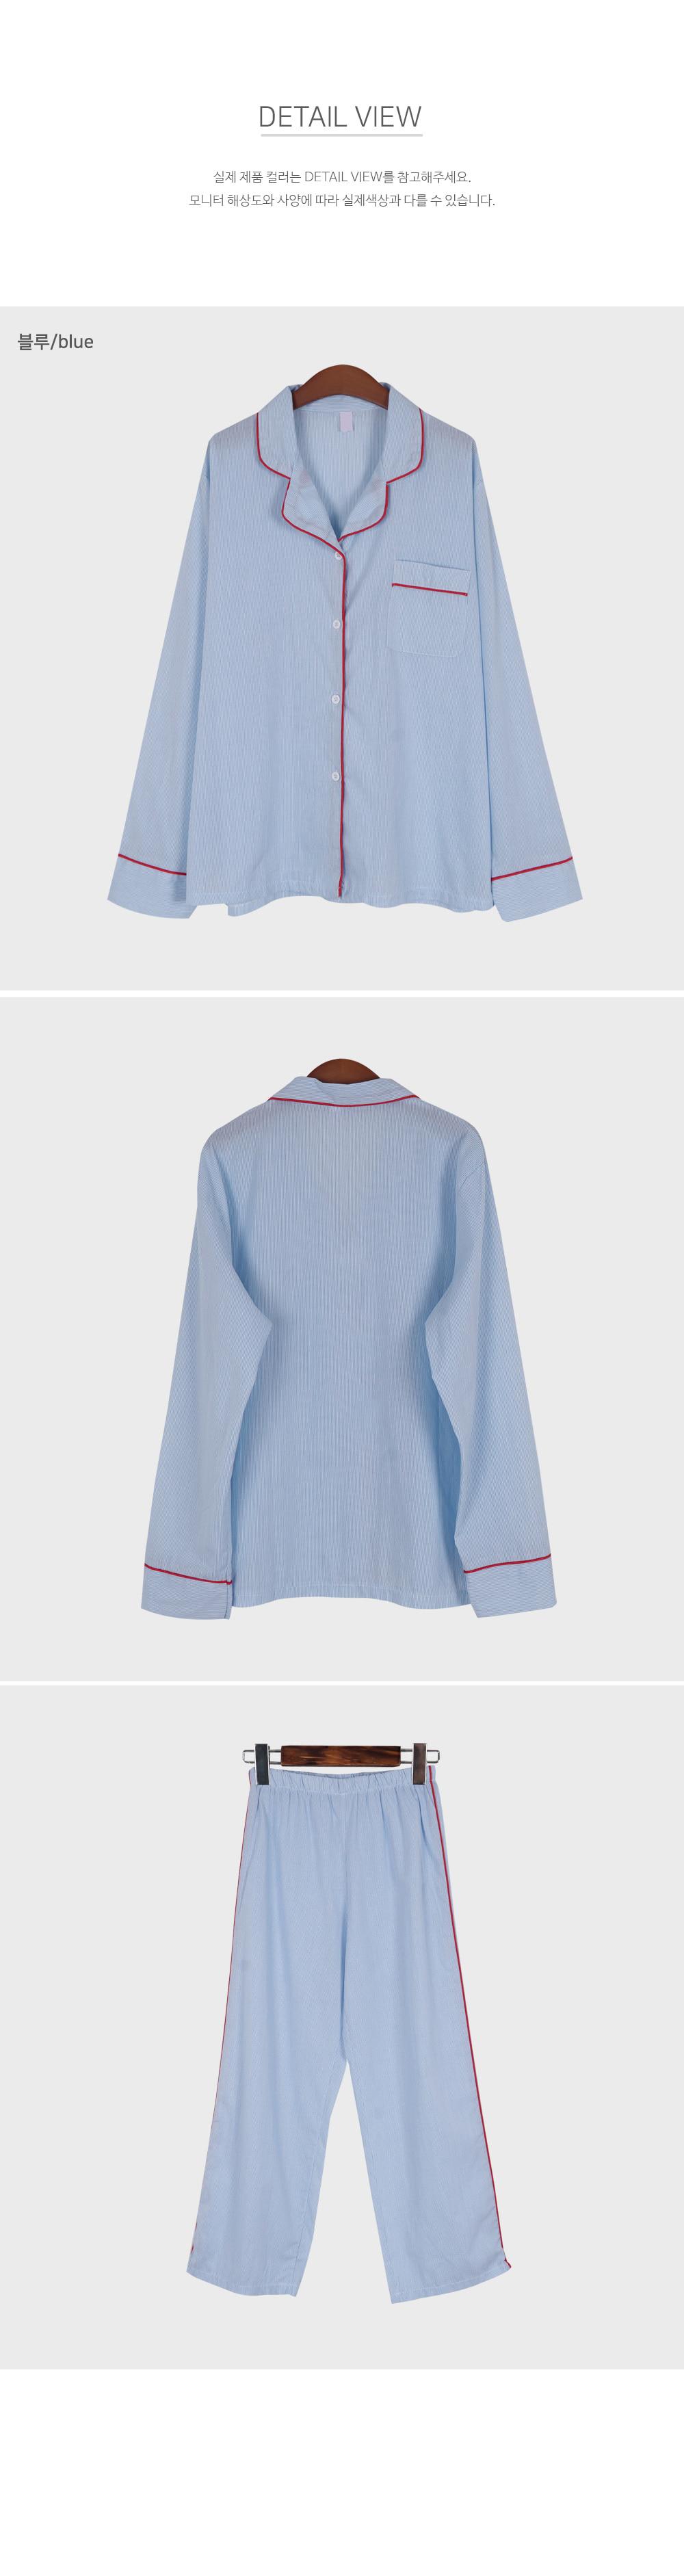 Delia Stripe Pajama Set-holiholic.com